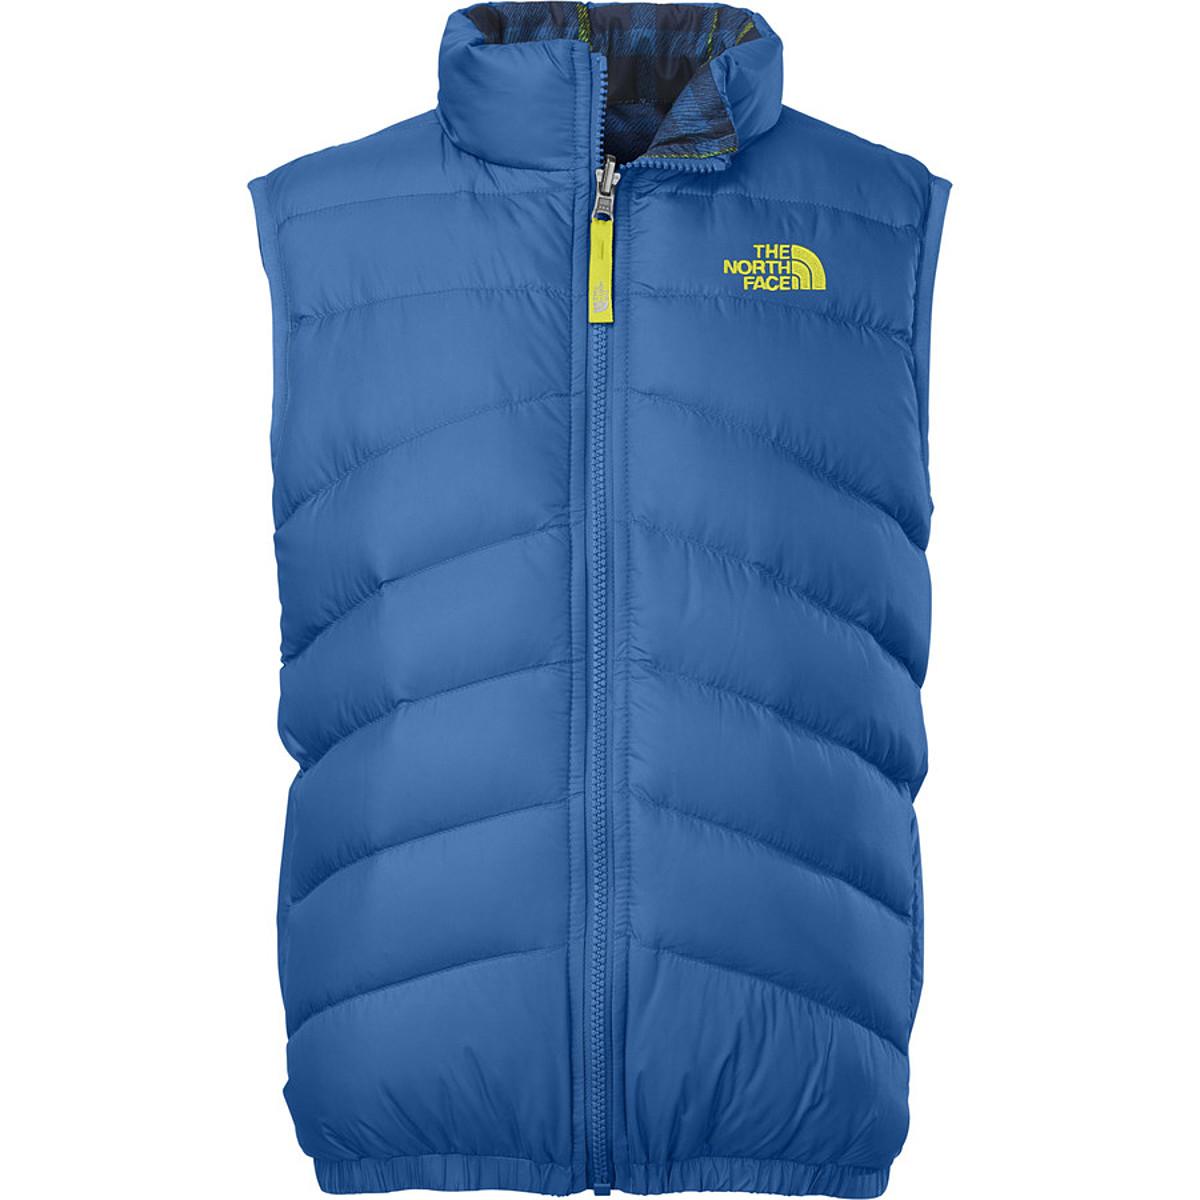 The North Face Reversible Perrito Vest